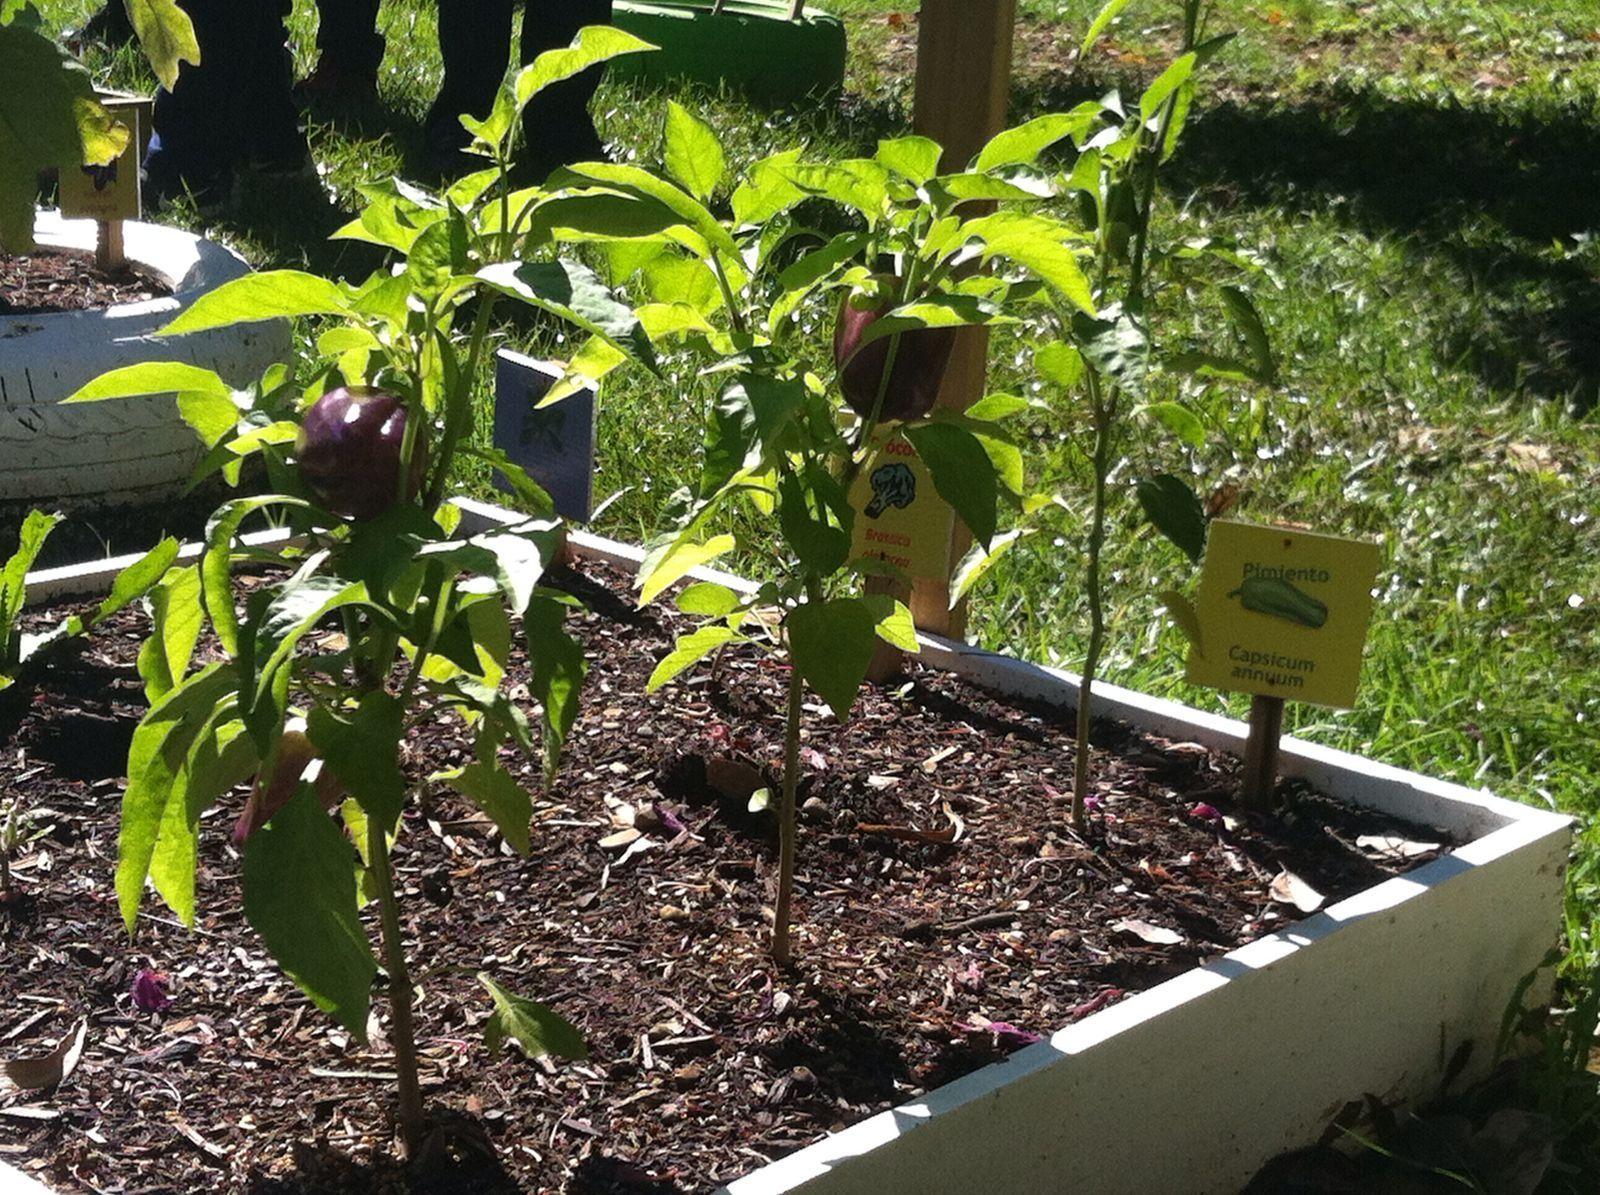 Agro juvenil el cultivo del pimiento en el huerto escolar for Cultivo pimiento huerto urbano